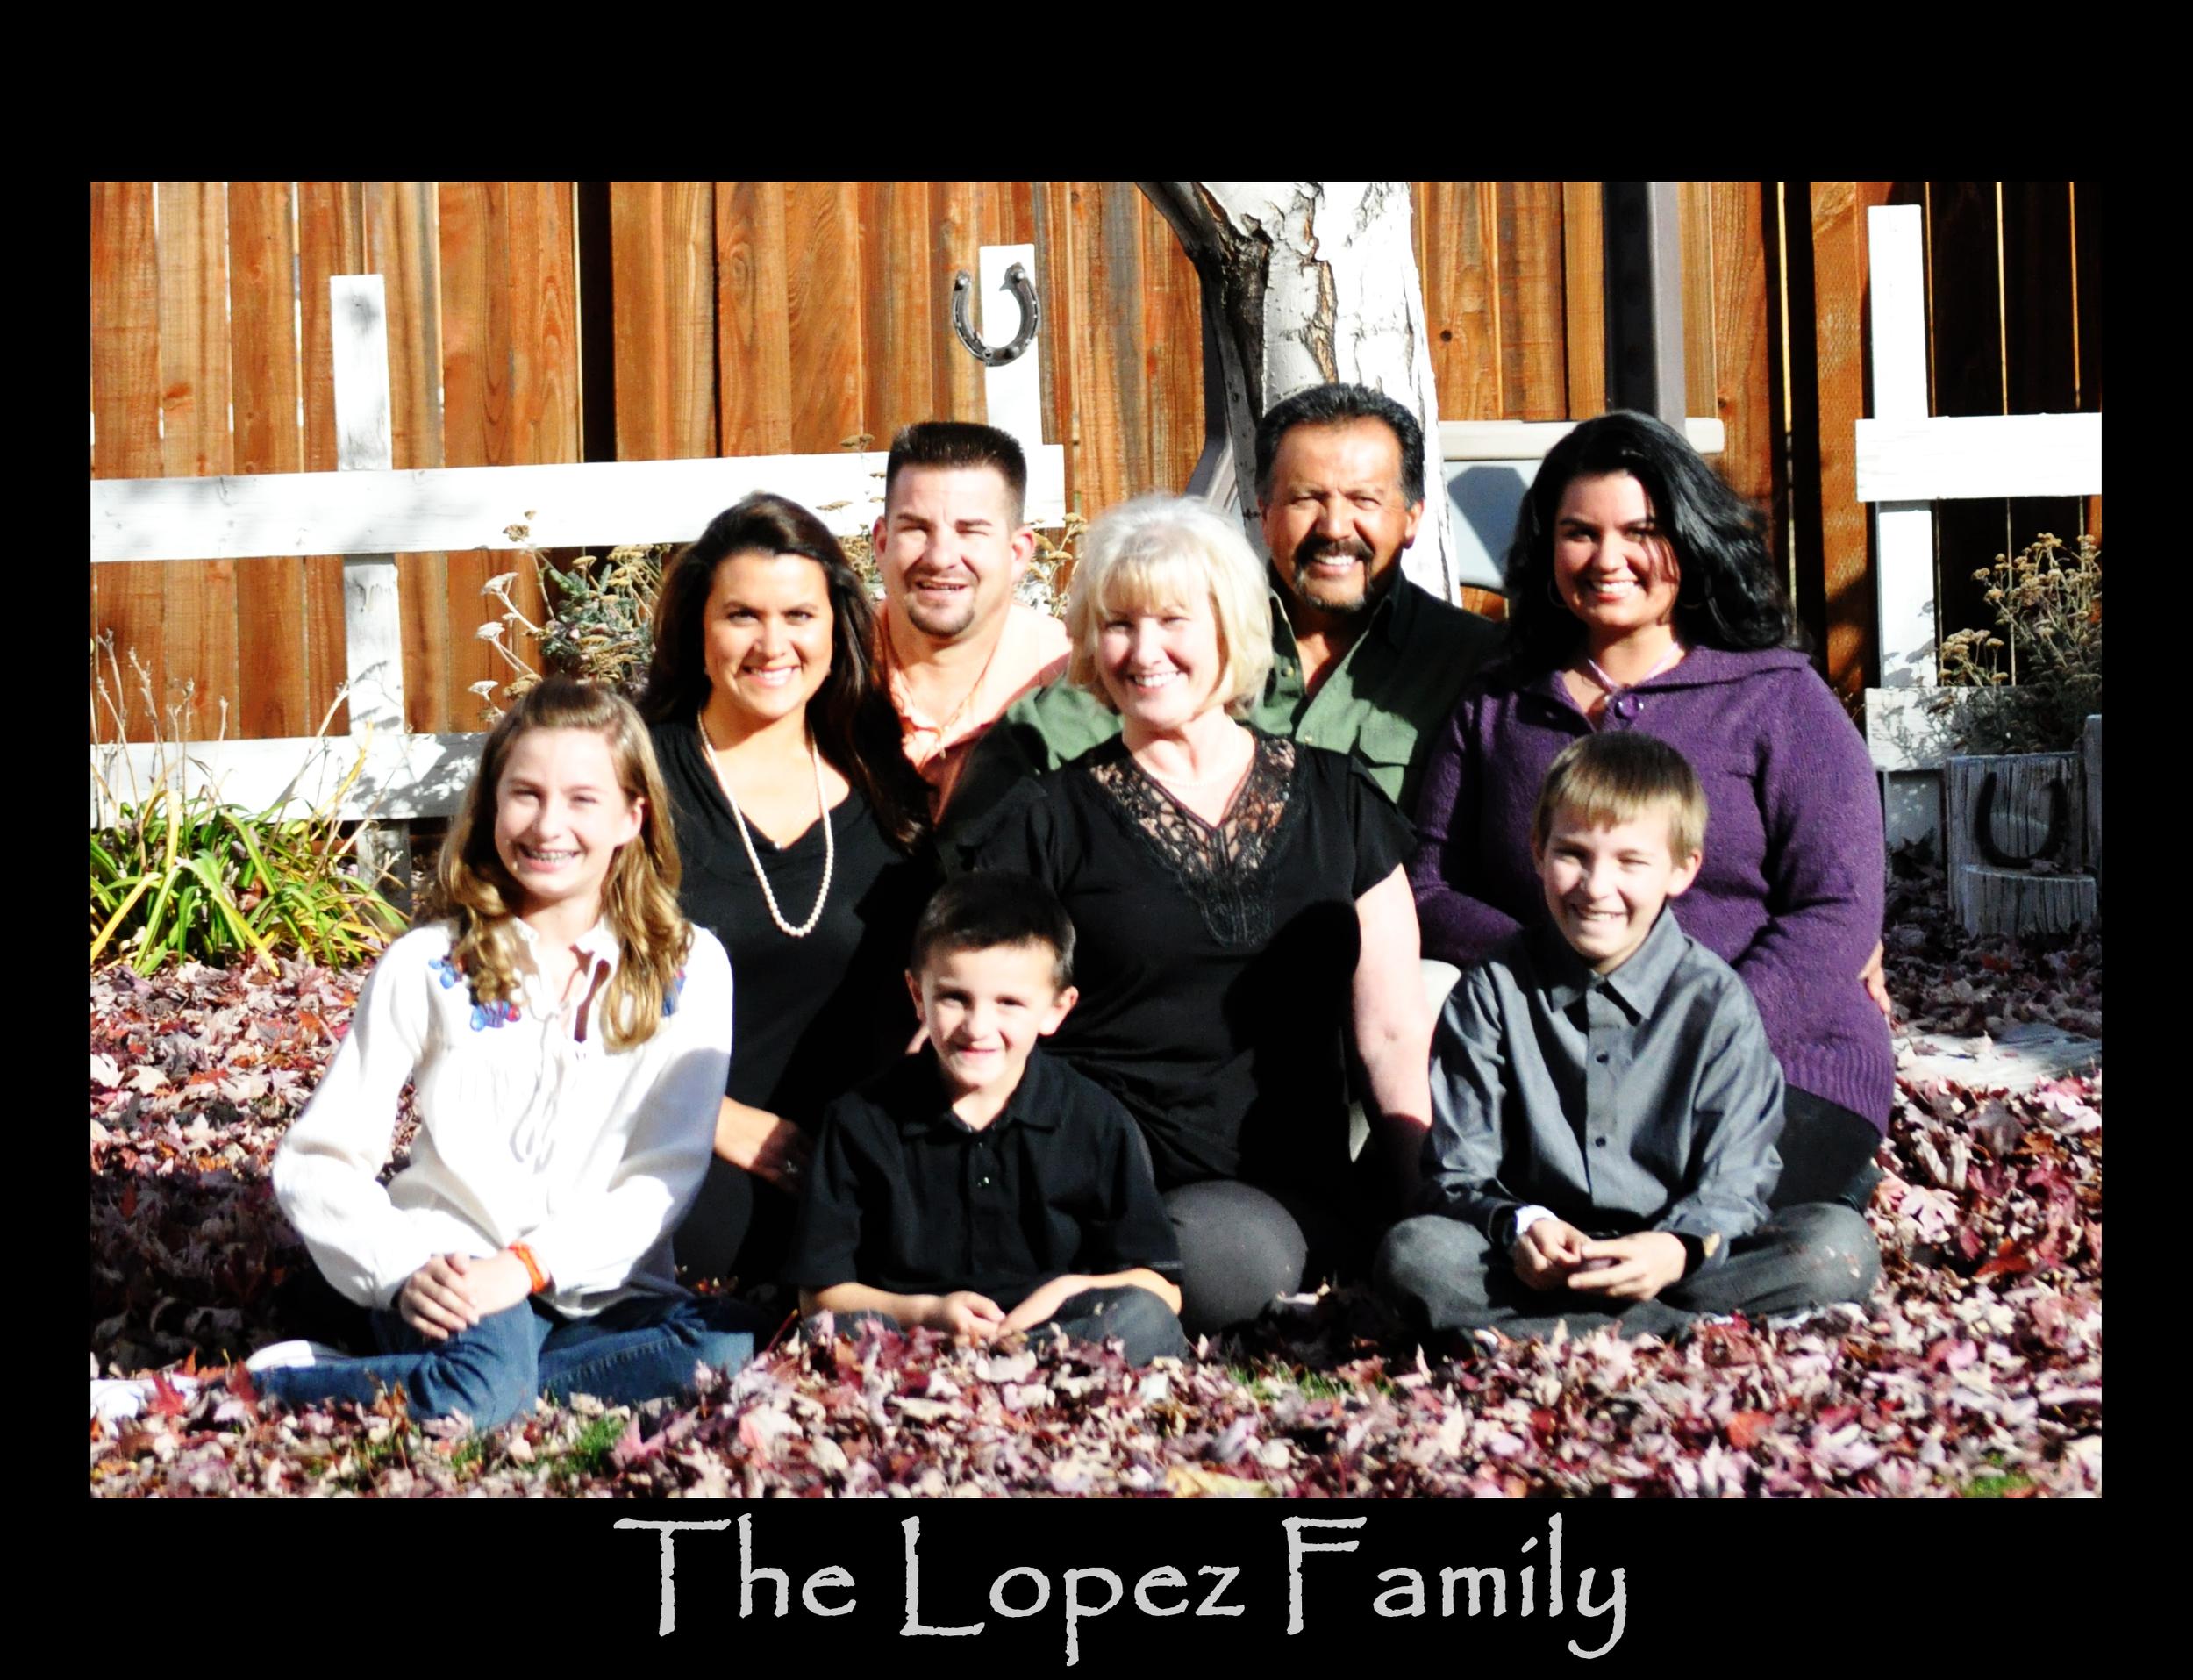 DSC_0146_family in leaves_The Lopez Family2.jpg